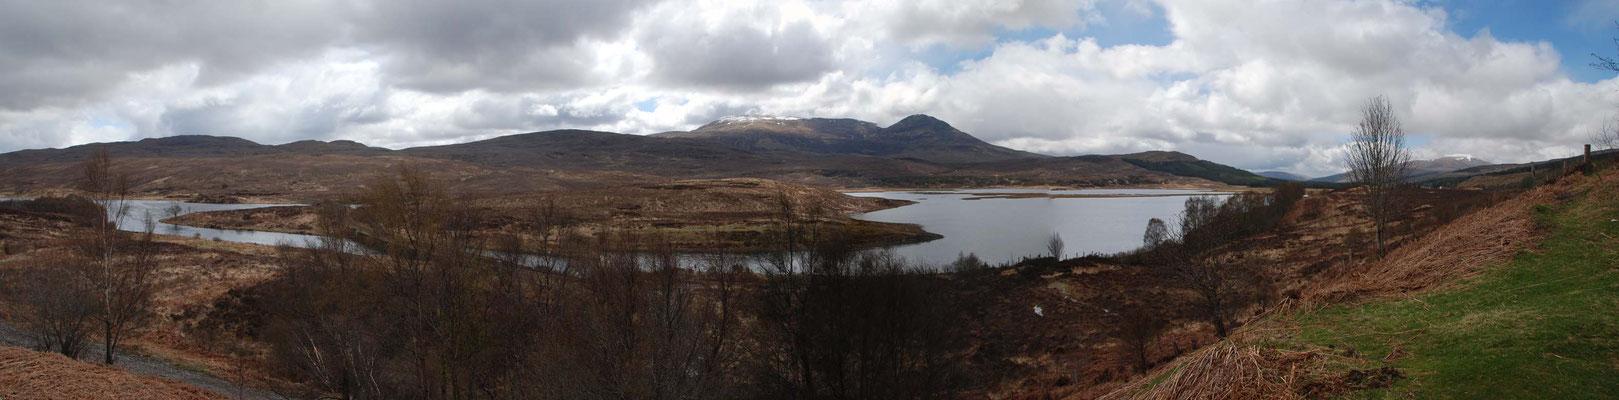 Auf der Fahrt zur Insel Skye